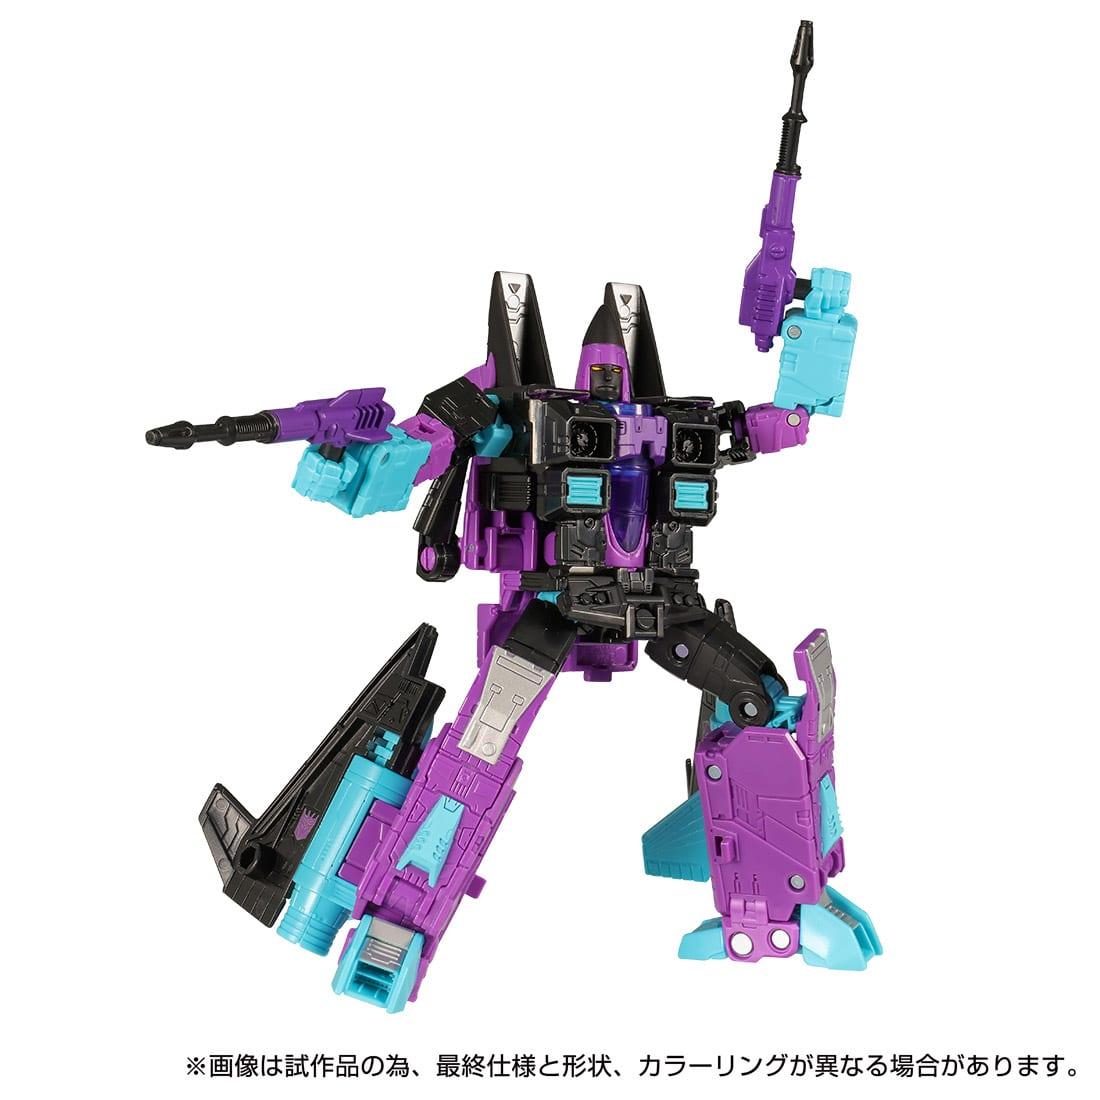 【限定販売】トランスフォーマー GENERATION SELECTS『ラムジェット』可変可動フィギュア-004